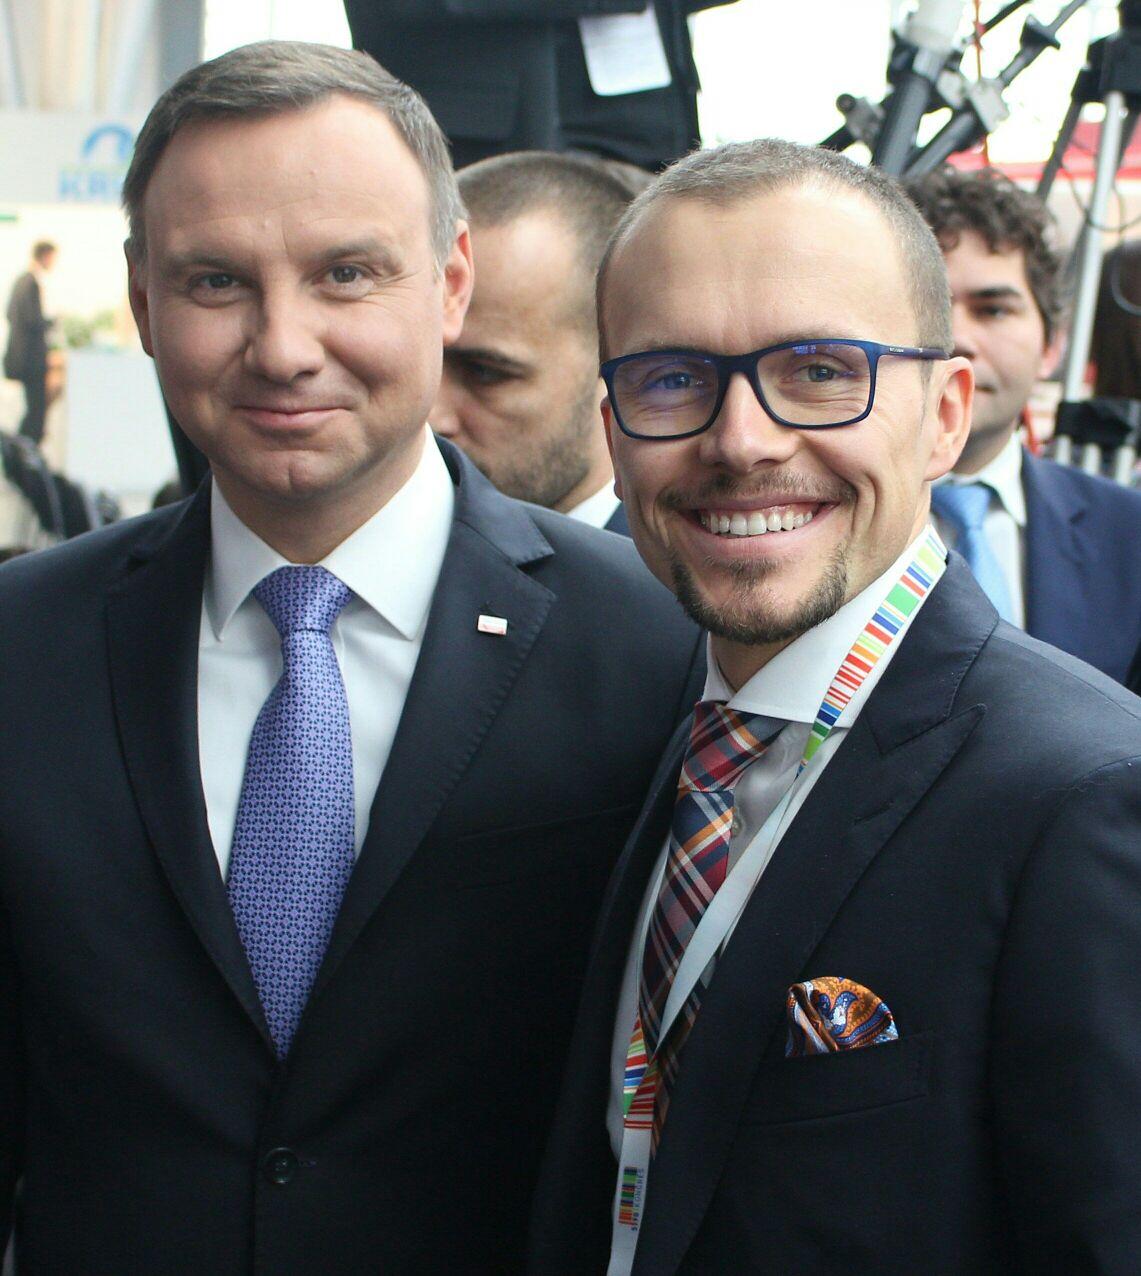 With Andrzej Duda, President of Poland